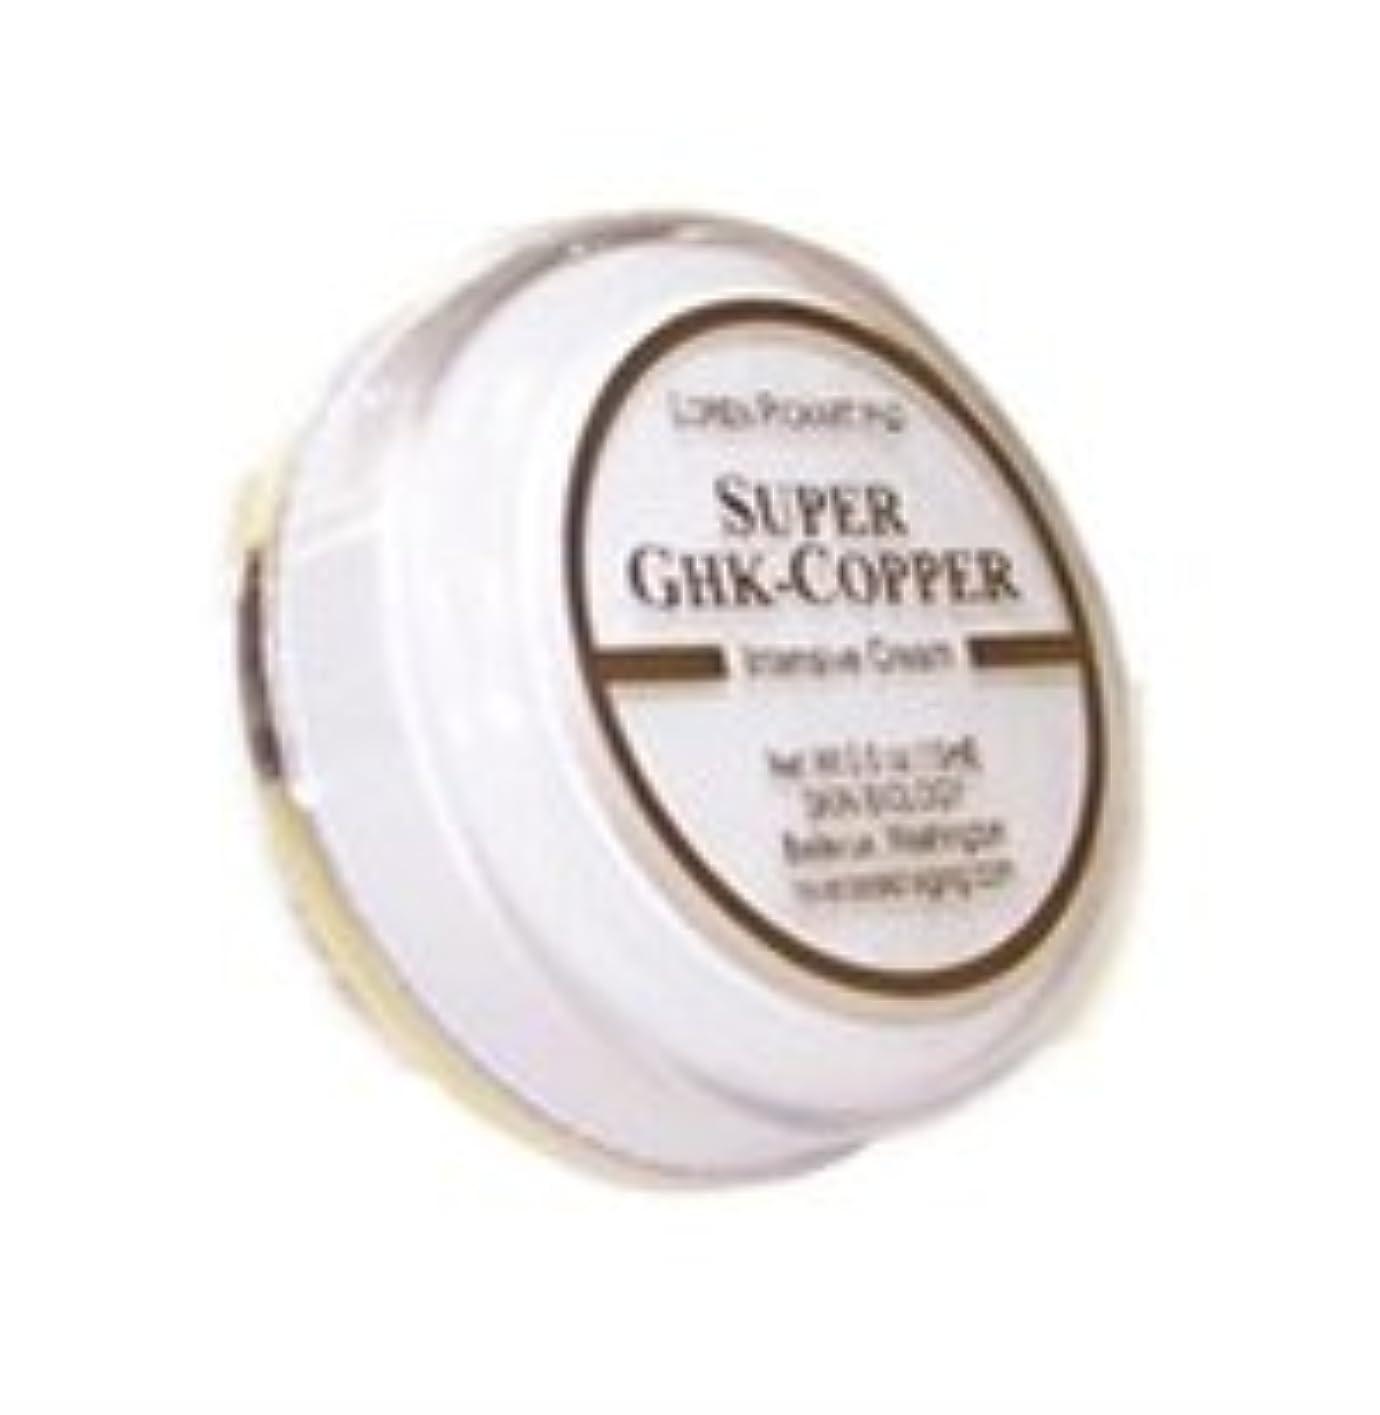 イサカ床を掃除する問い合わせスキンバイオロジー スーパーGHKコッパーインテンシブクリーム 15ml